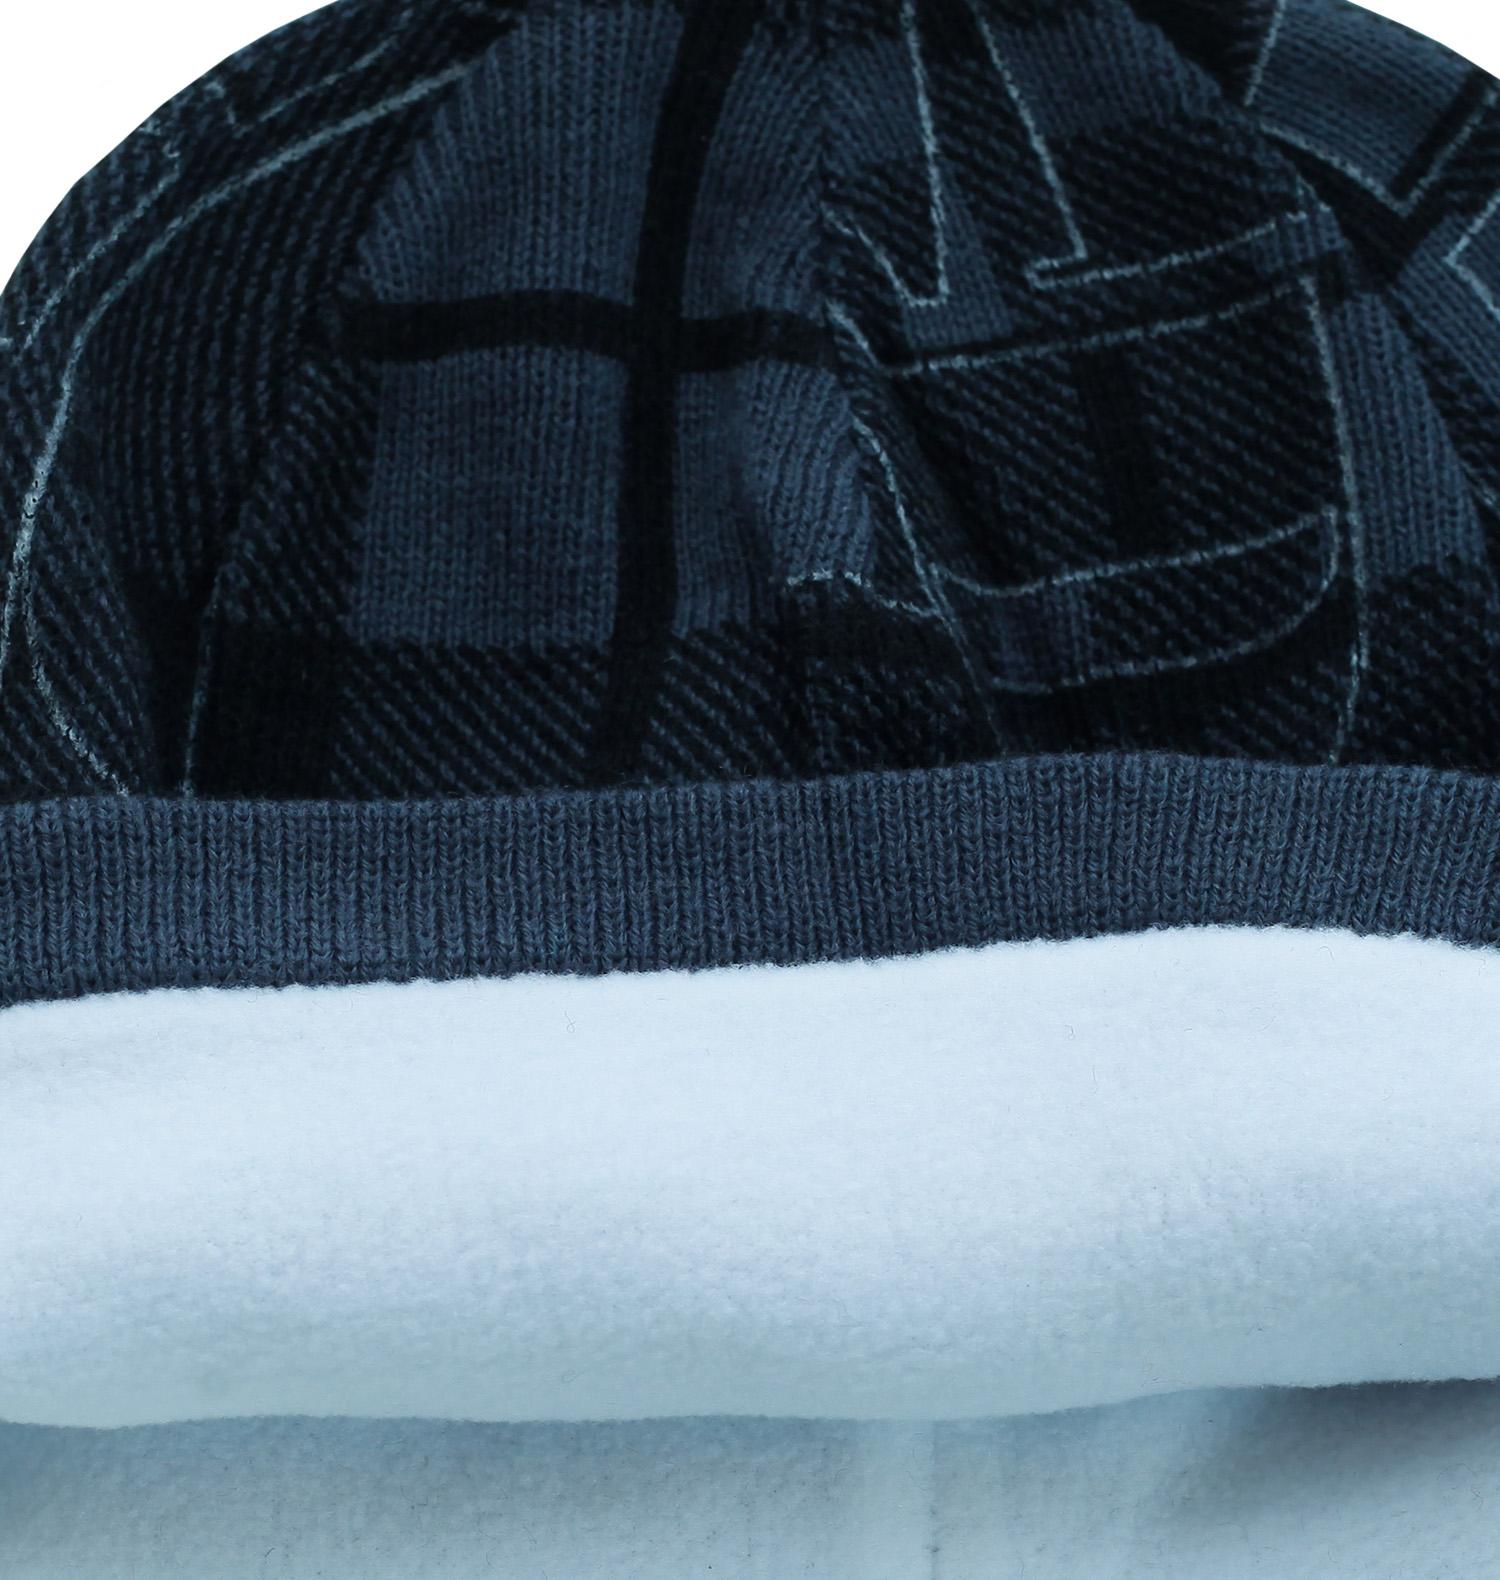 Купить трендовую мужскую шапку с геометрическим узором всем кто в спорте на флисе по низкой цене